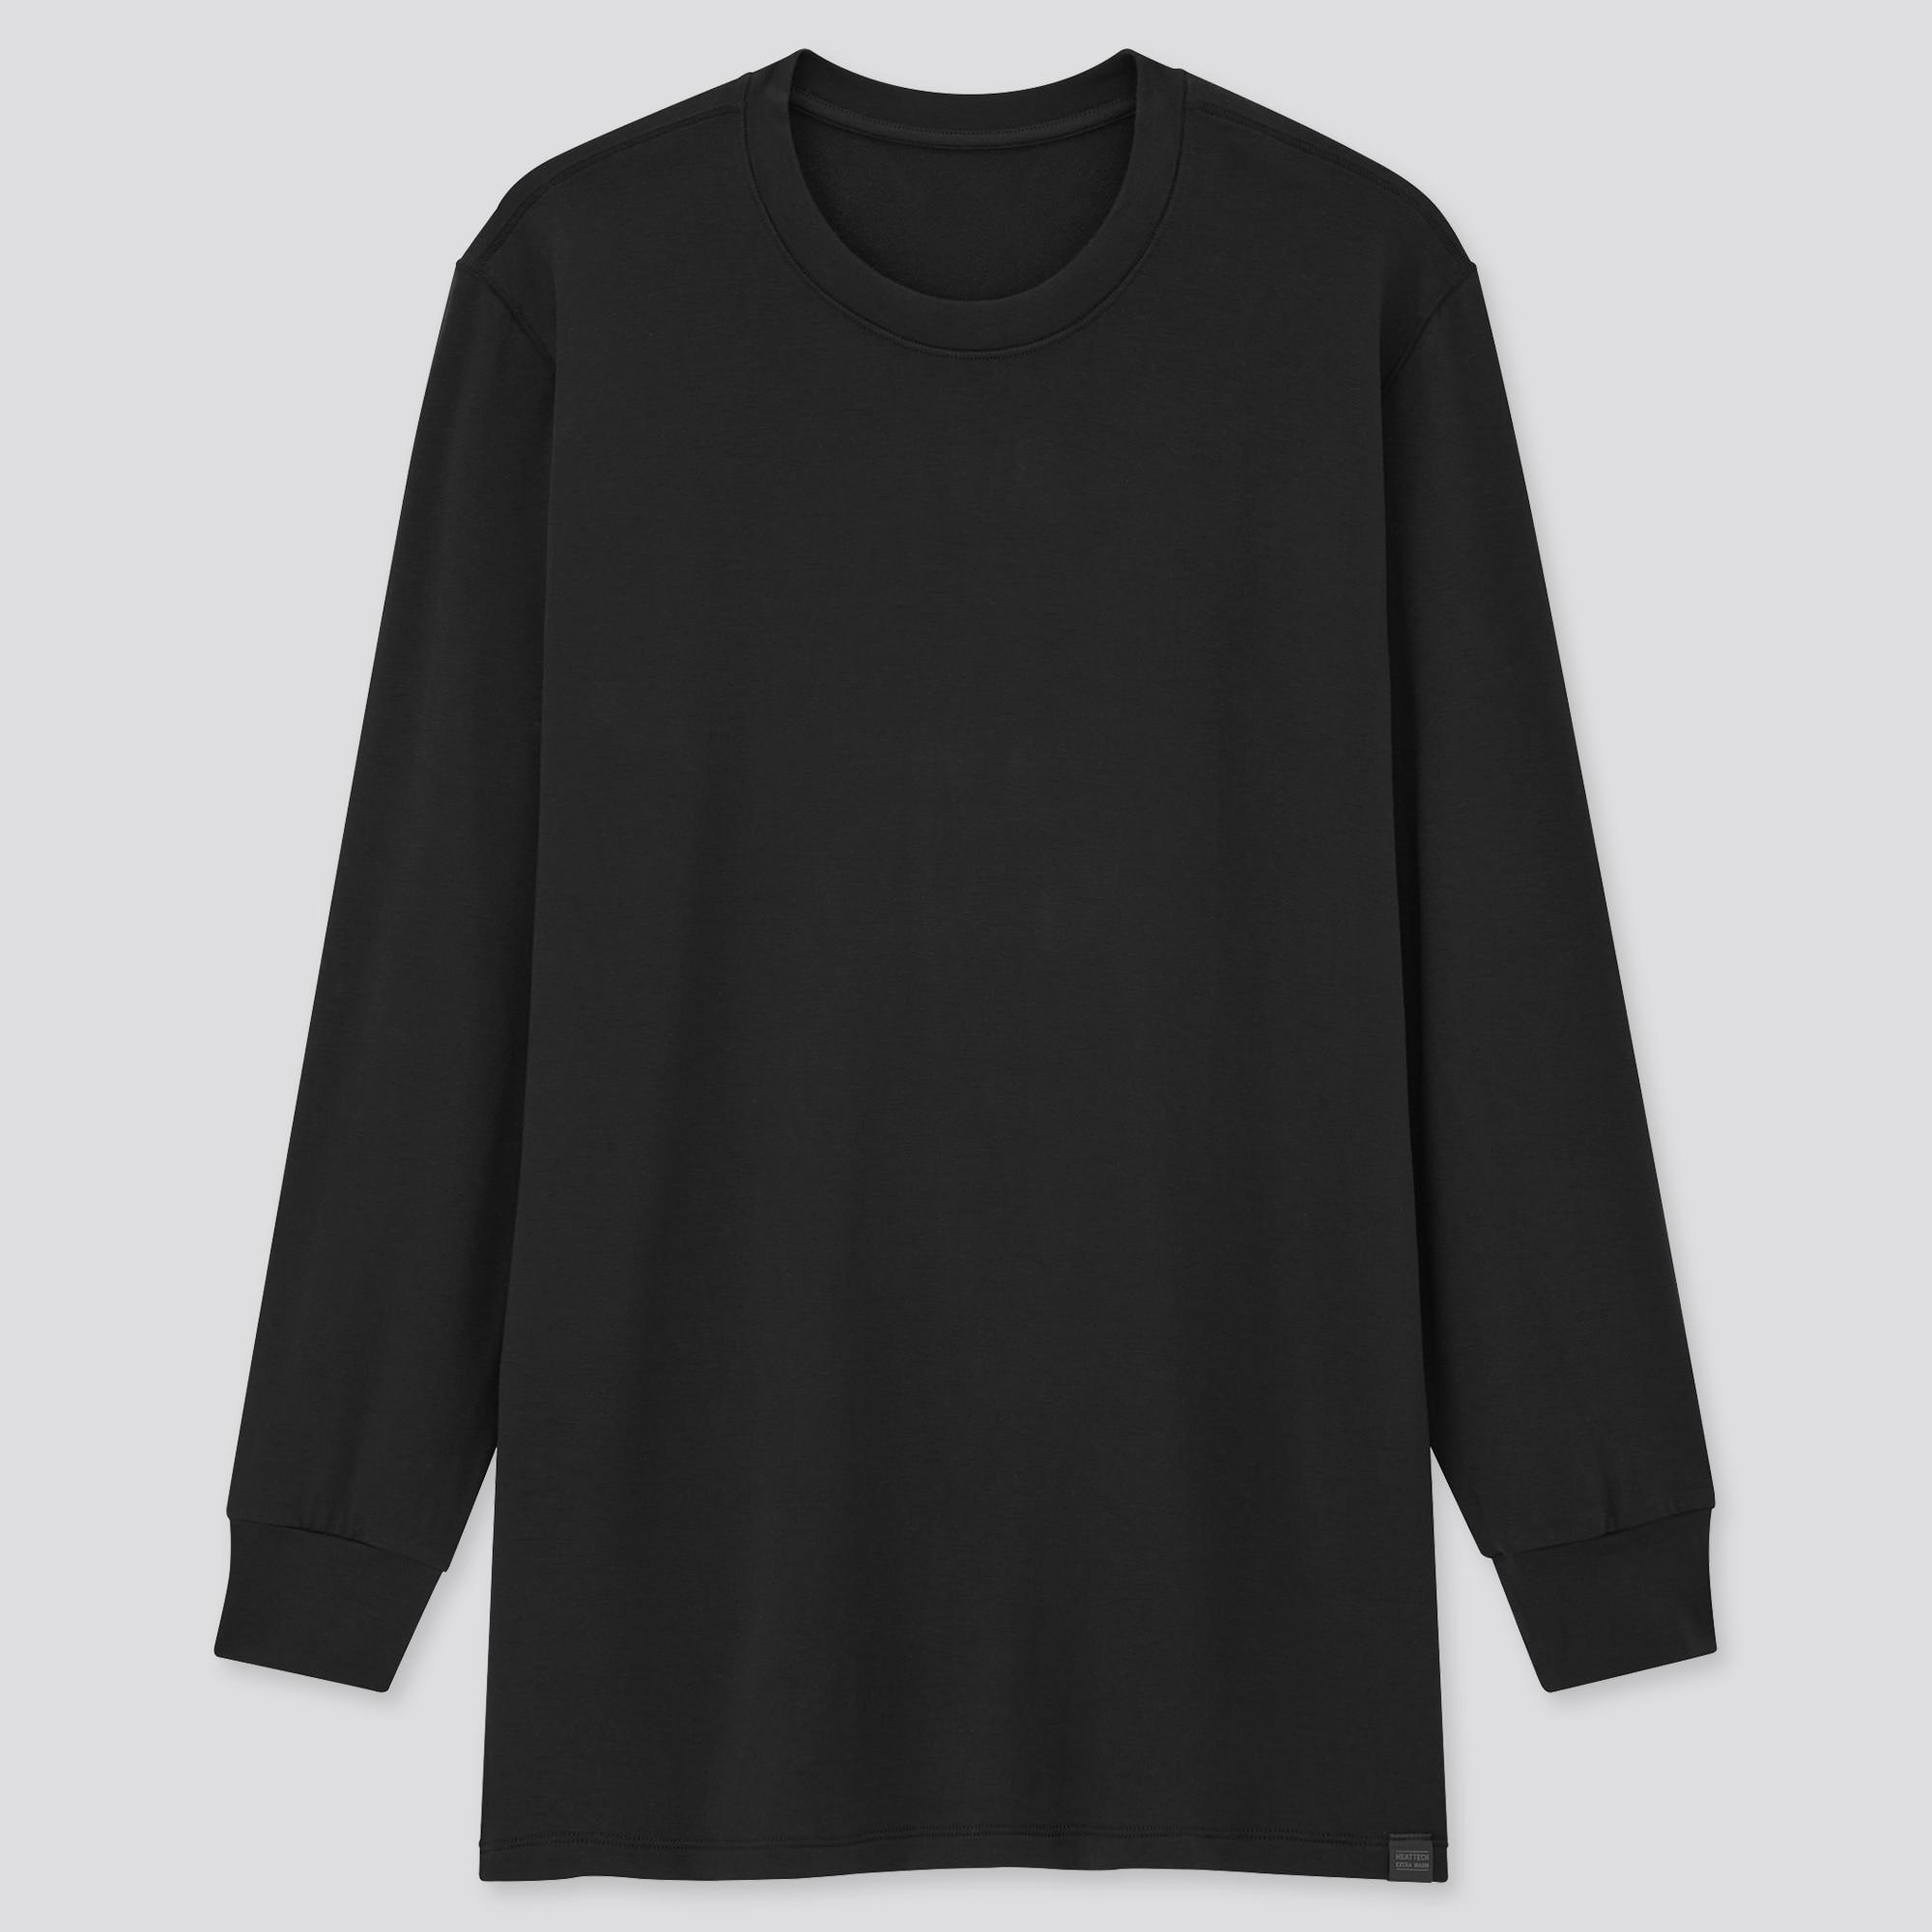 men HEATTECH extra warm crew neck long sleeve t-shirt